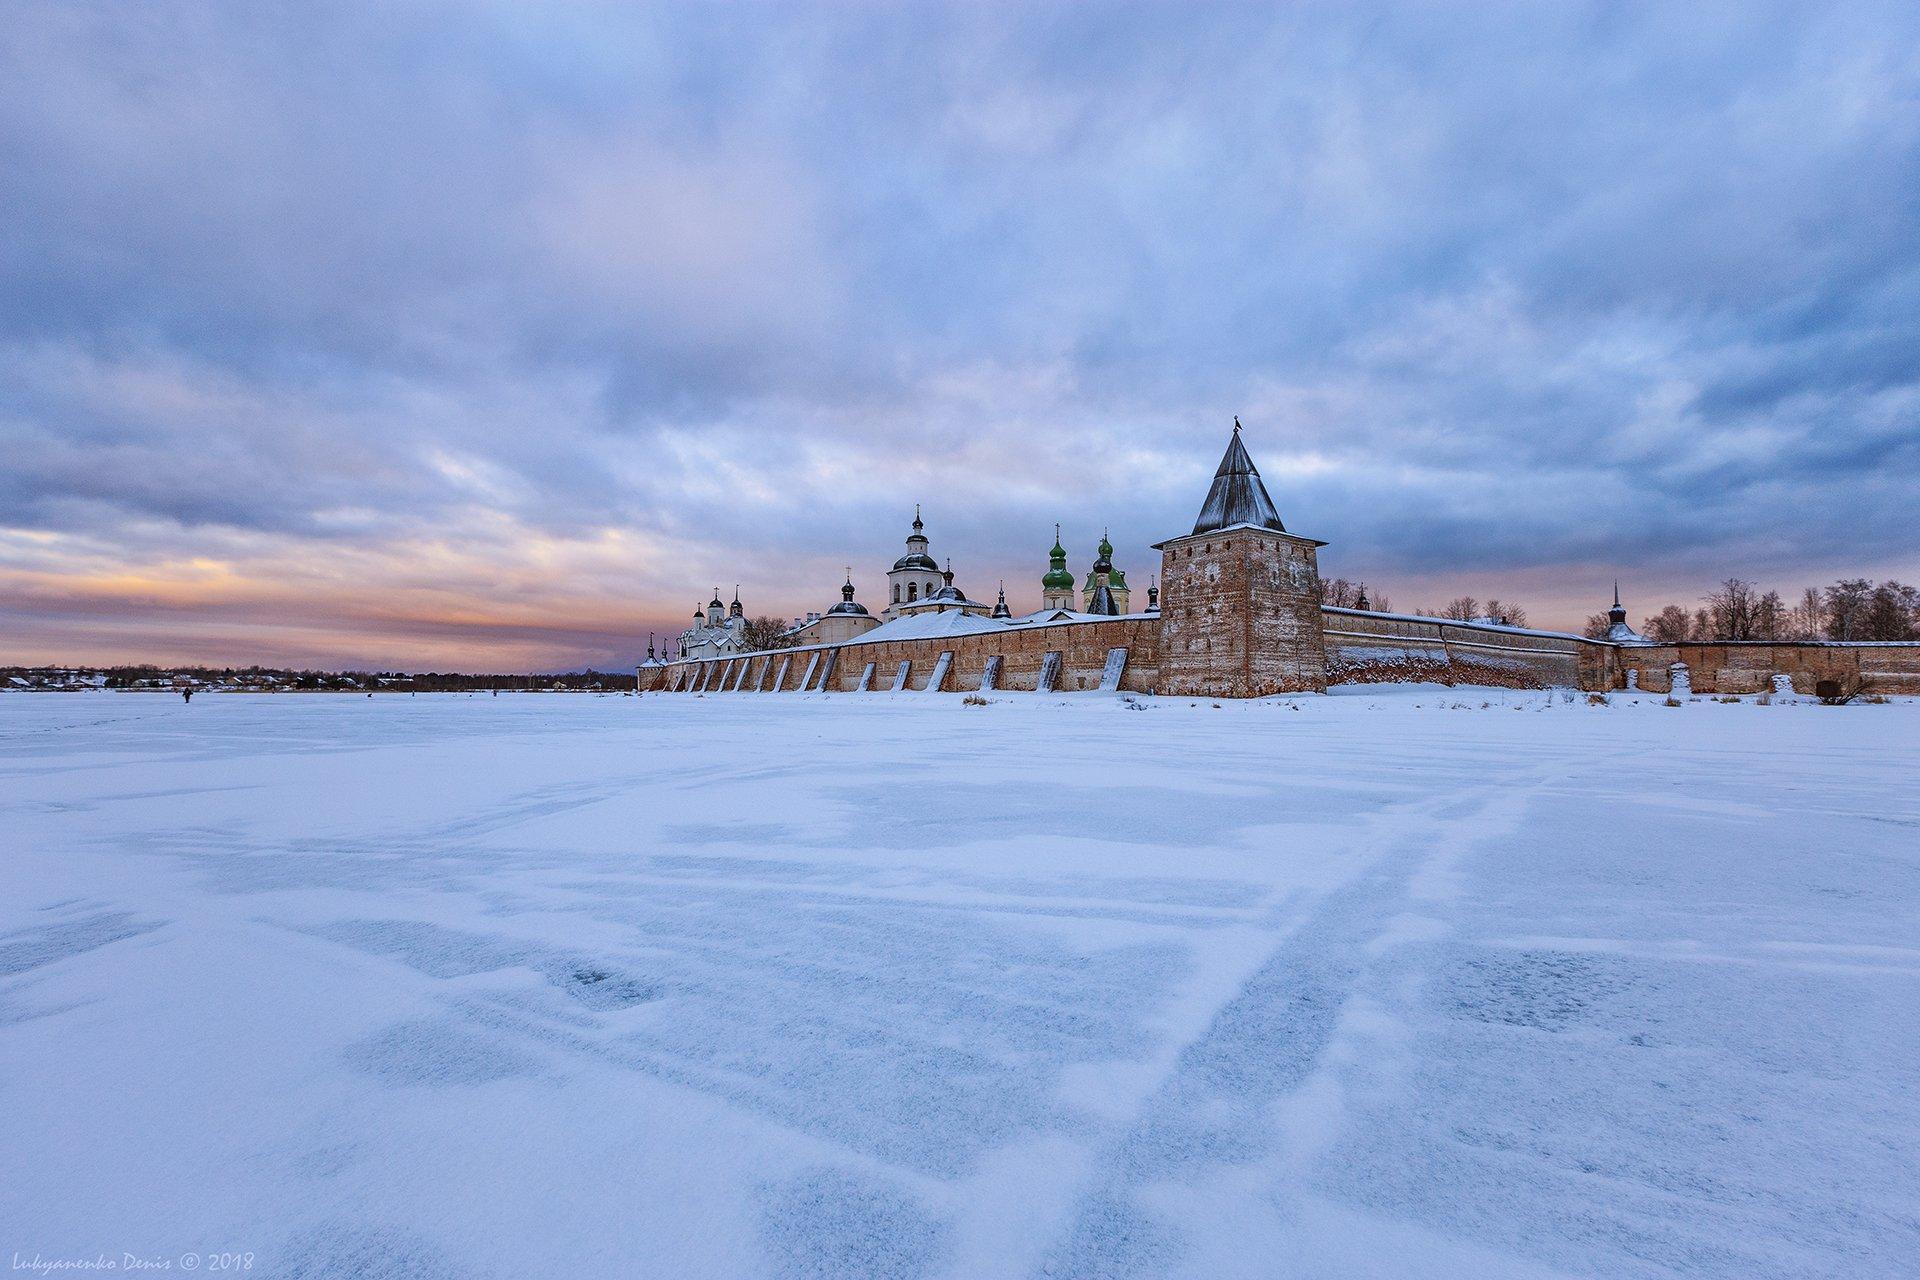 2018, россия, кириллов, зима, утро, лед, снег, небо, монастырь, Лукьяненко Денис